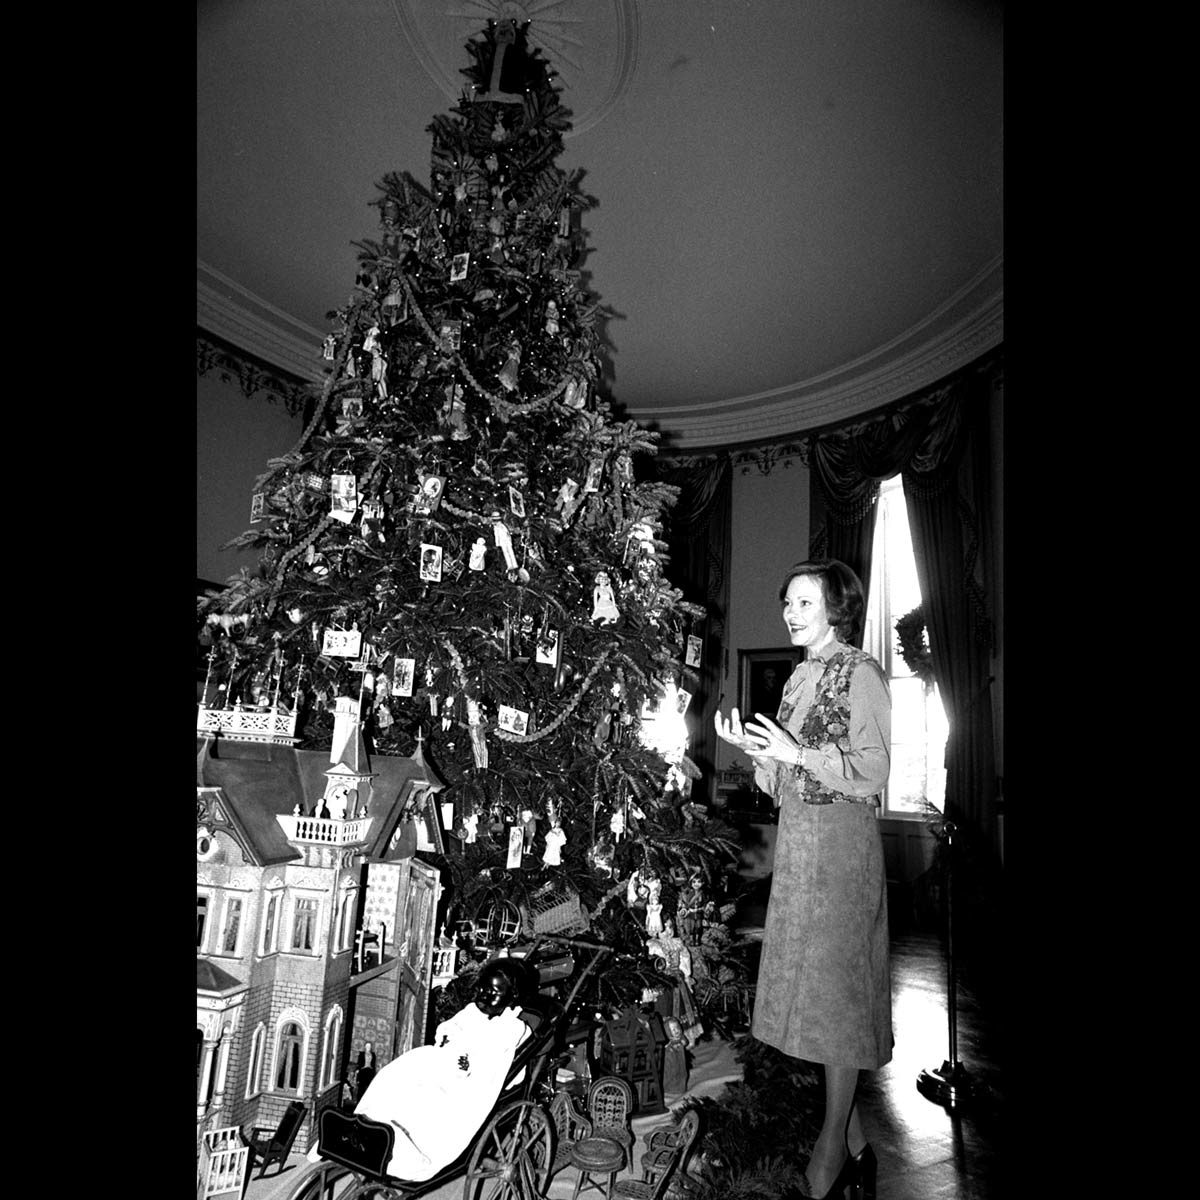 1978 Carter Christmas tree